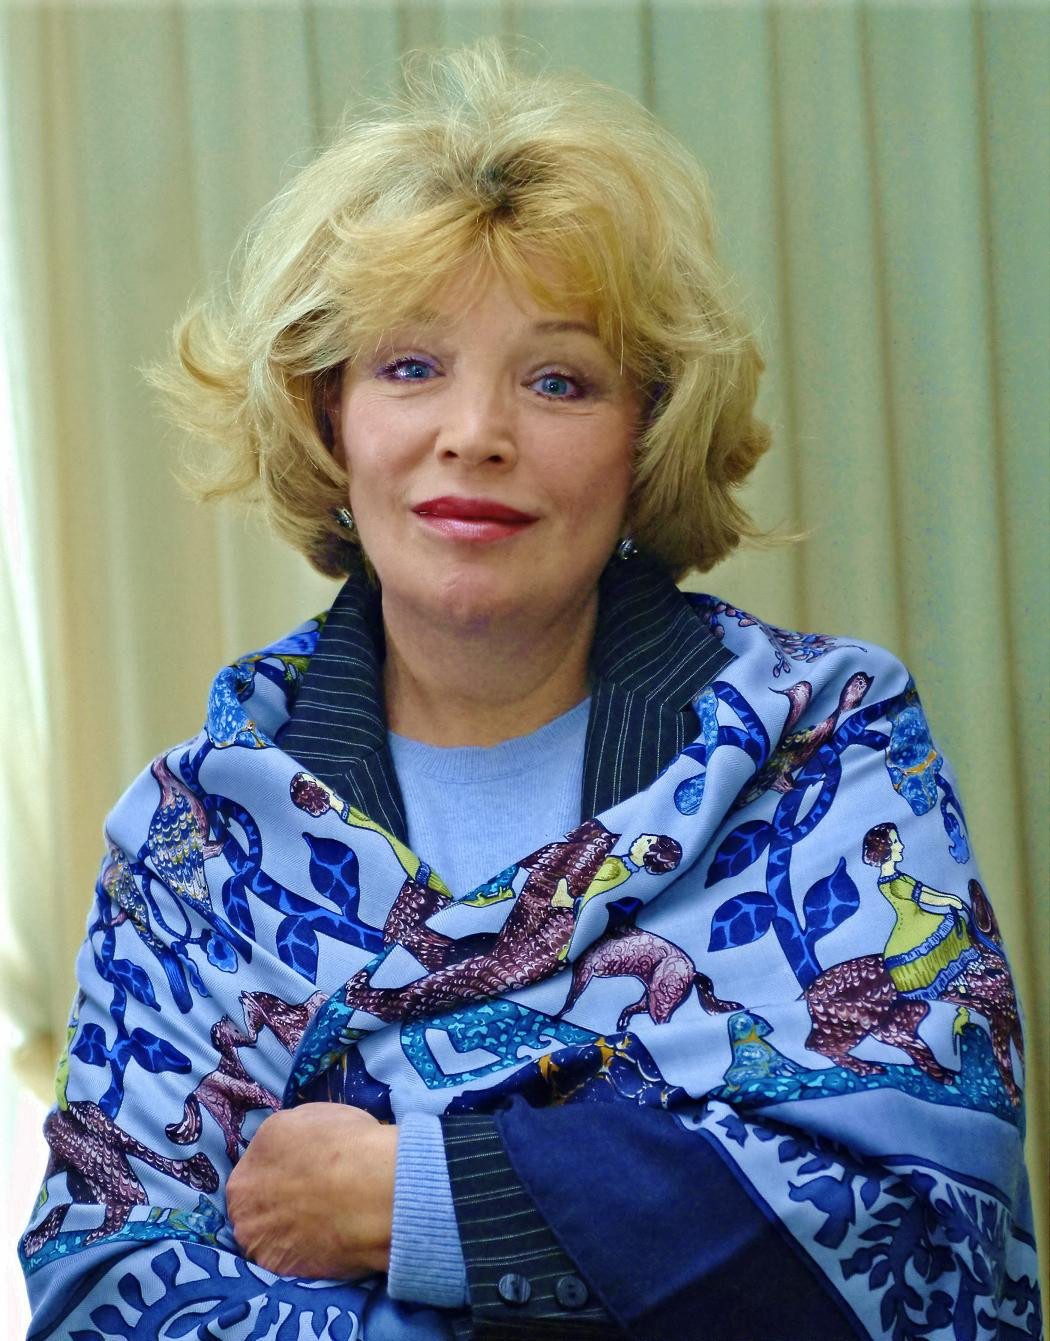 Советская артистка Ольга Остроумова угодила в поликлинику в столице России